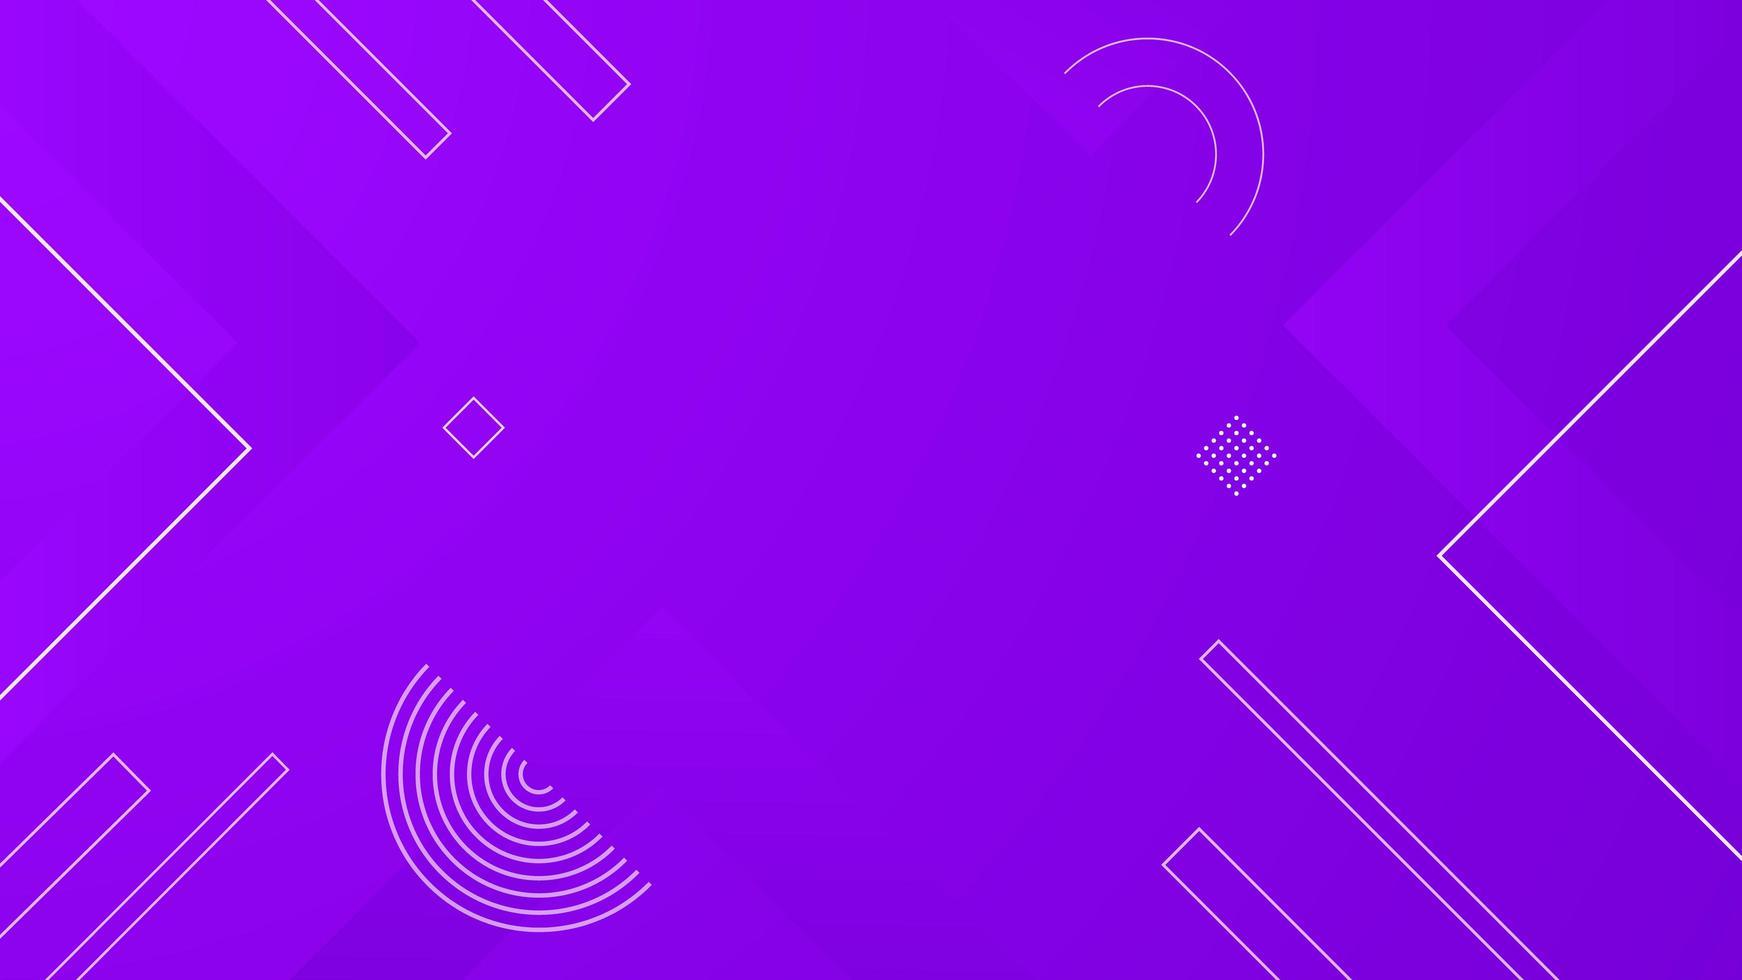 disegno geometrico viola vettore